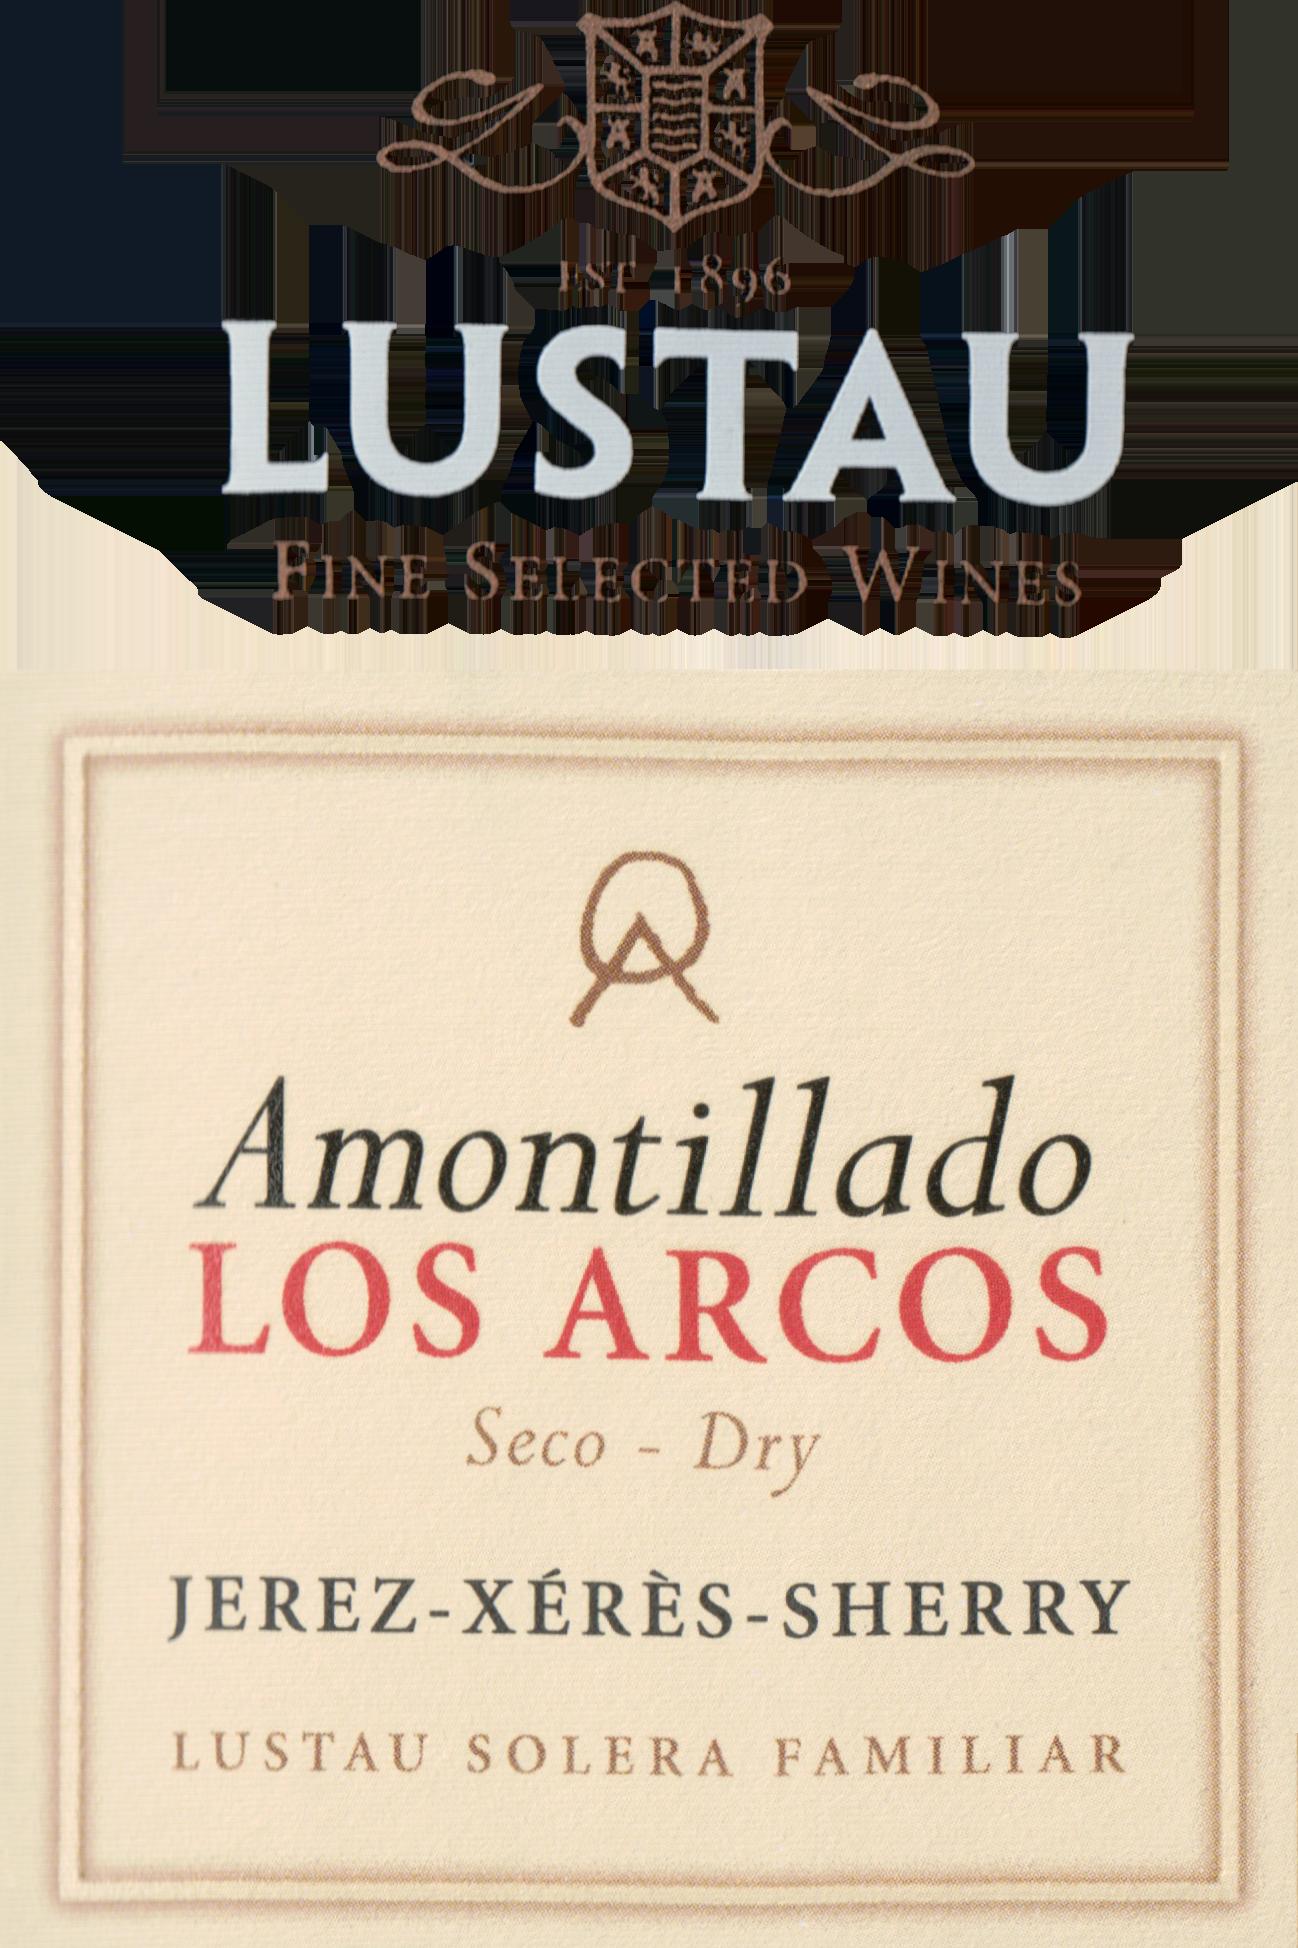 Lustau Dry Amontillado Los Arcos Solera Sherry Reserva (#82 On Ws Top 100 Wines Of 2012)